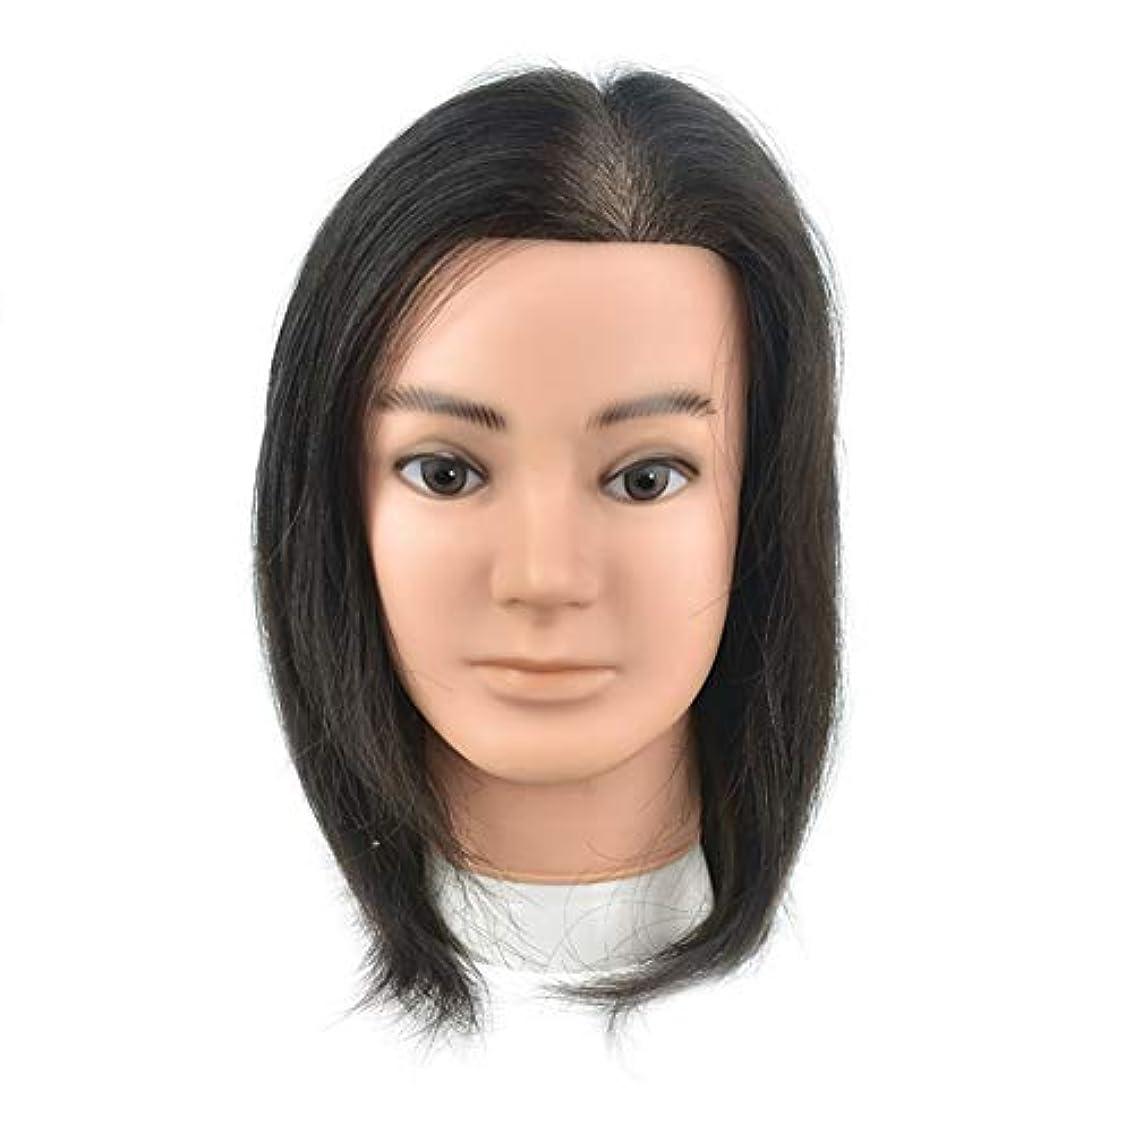 彼は騒乱普遍的なリアルヘアスタイリングマネキンヘッド女性ヘッドモデル教育ヘッド理髪店編組ヘア染色学習ダミーヘッド